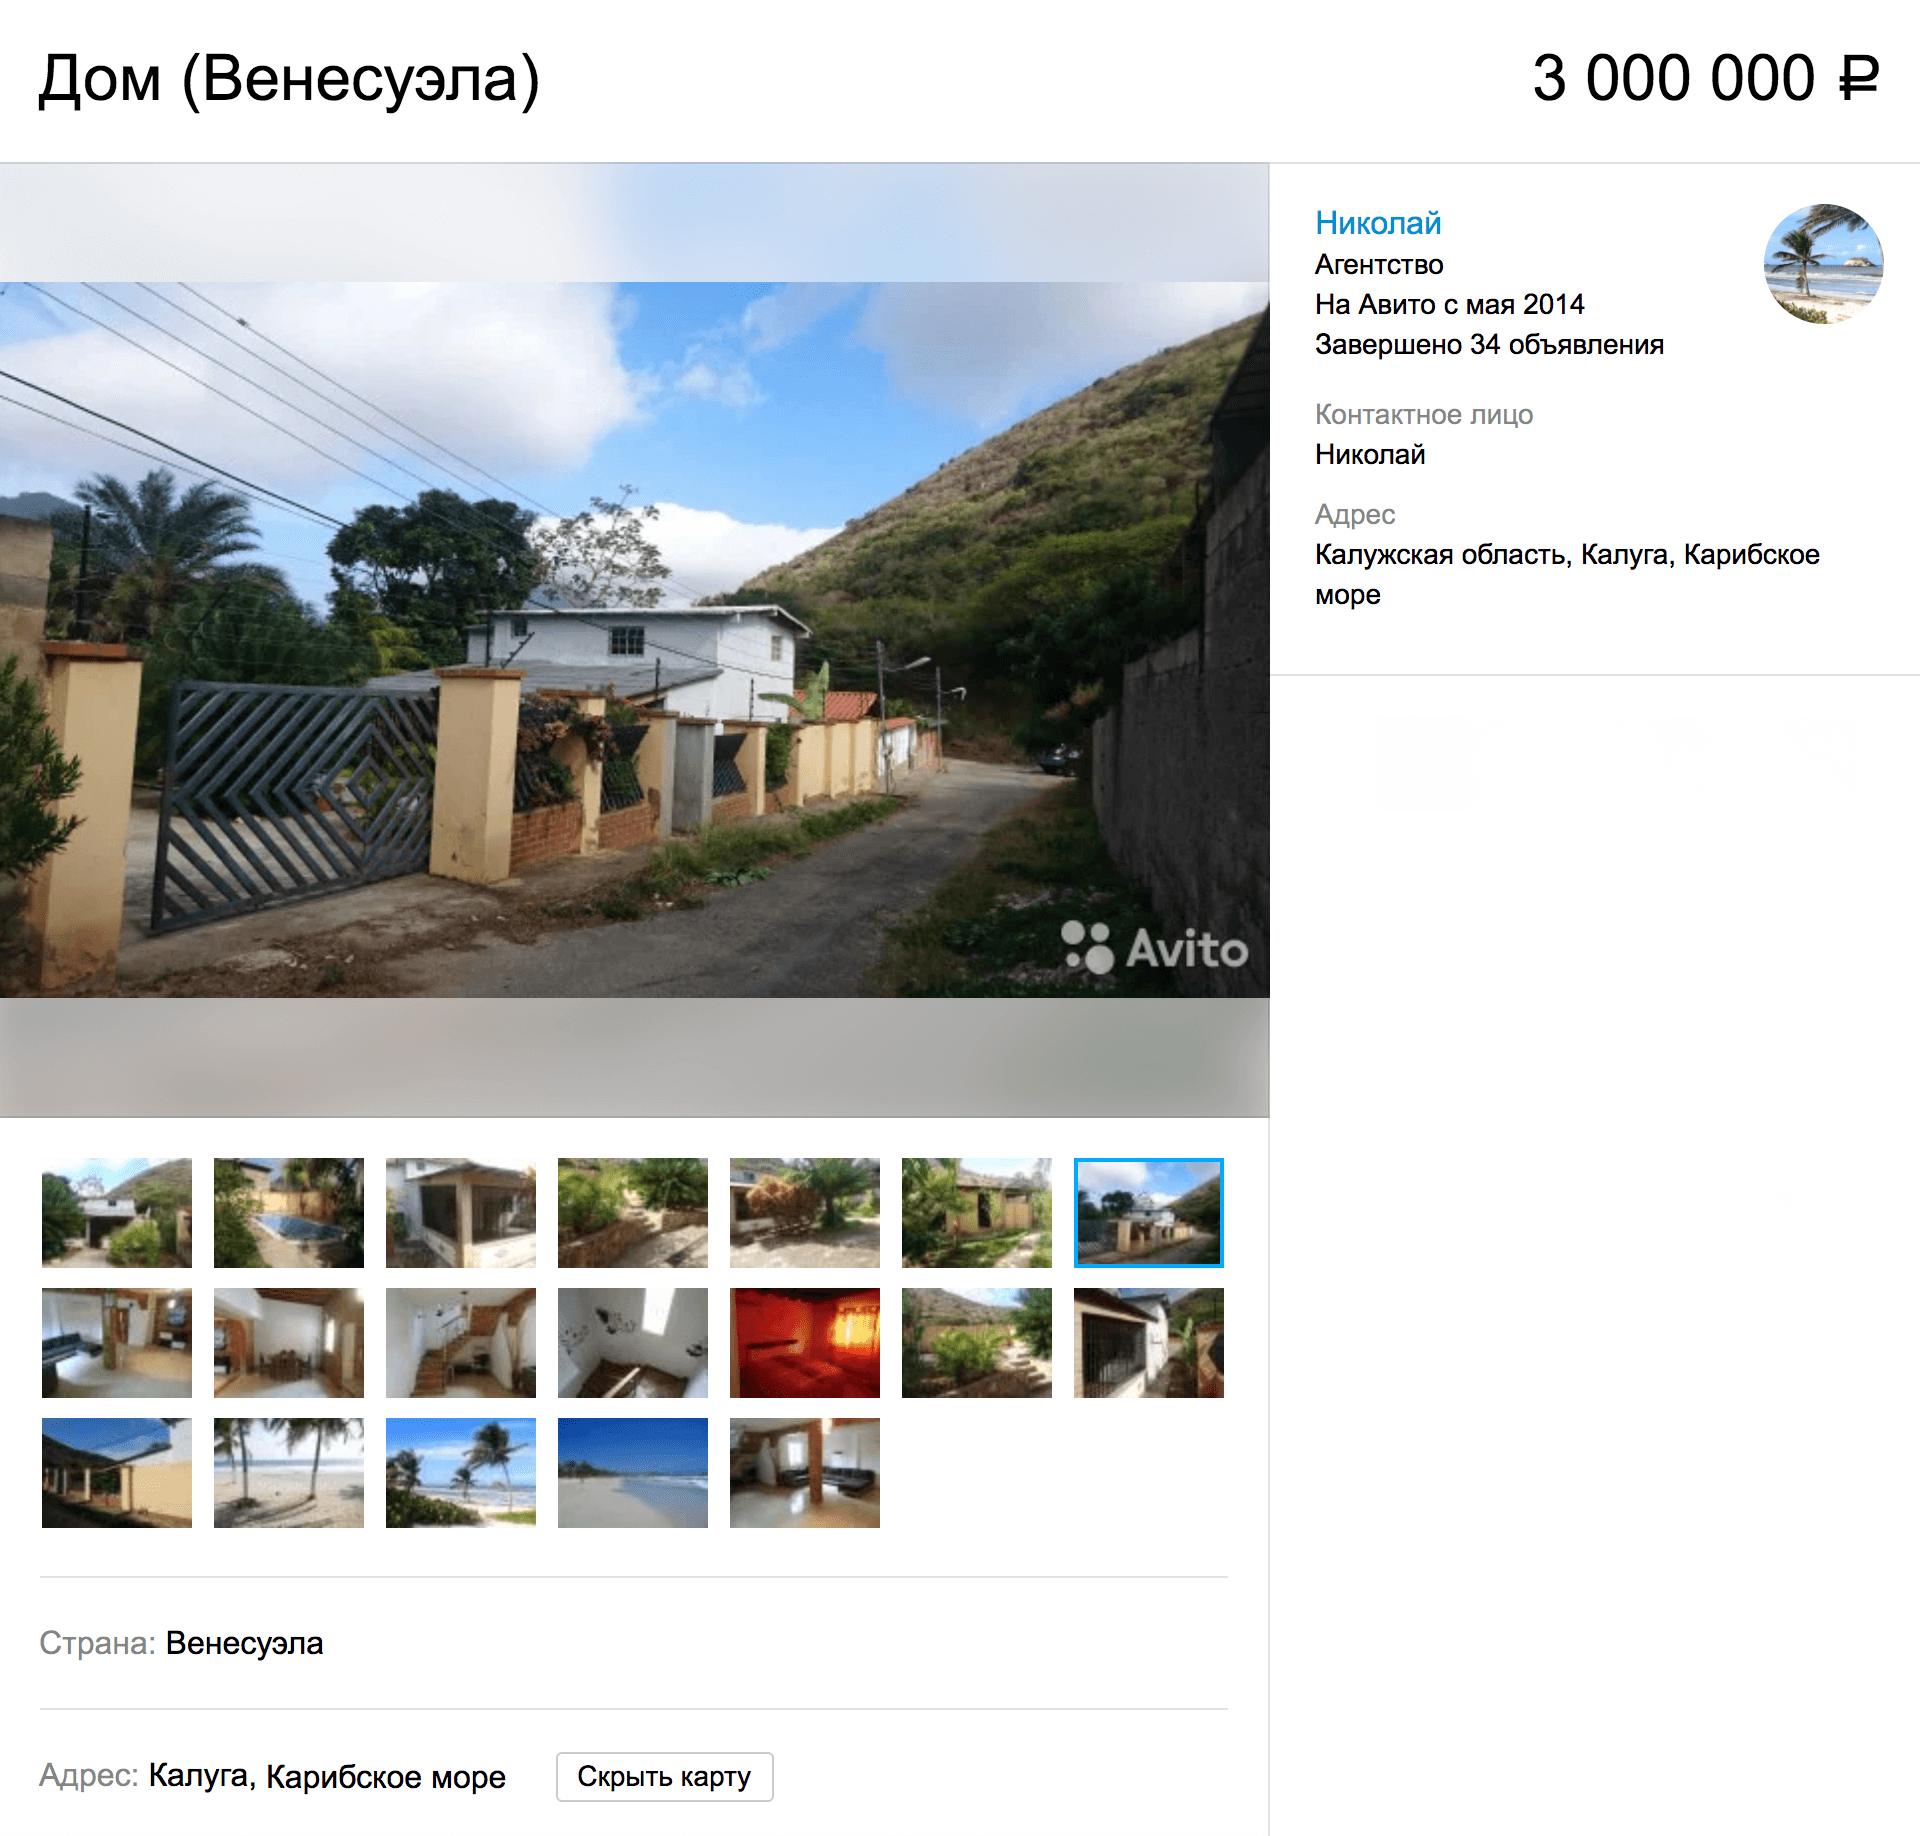 Вилла площадью 120 квадратных метров на острове в Карибском море по цене однушки в Питере. Объявление на «Авито»